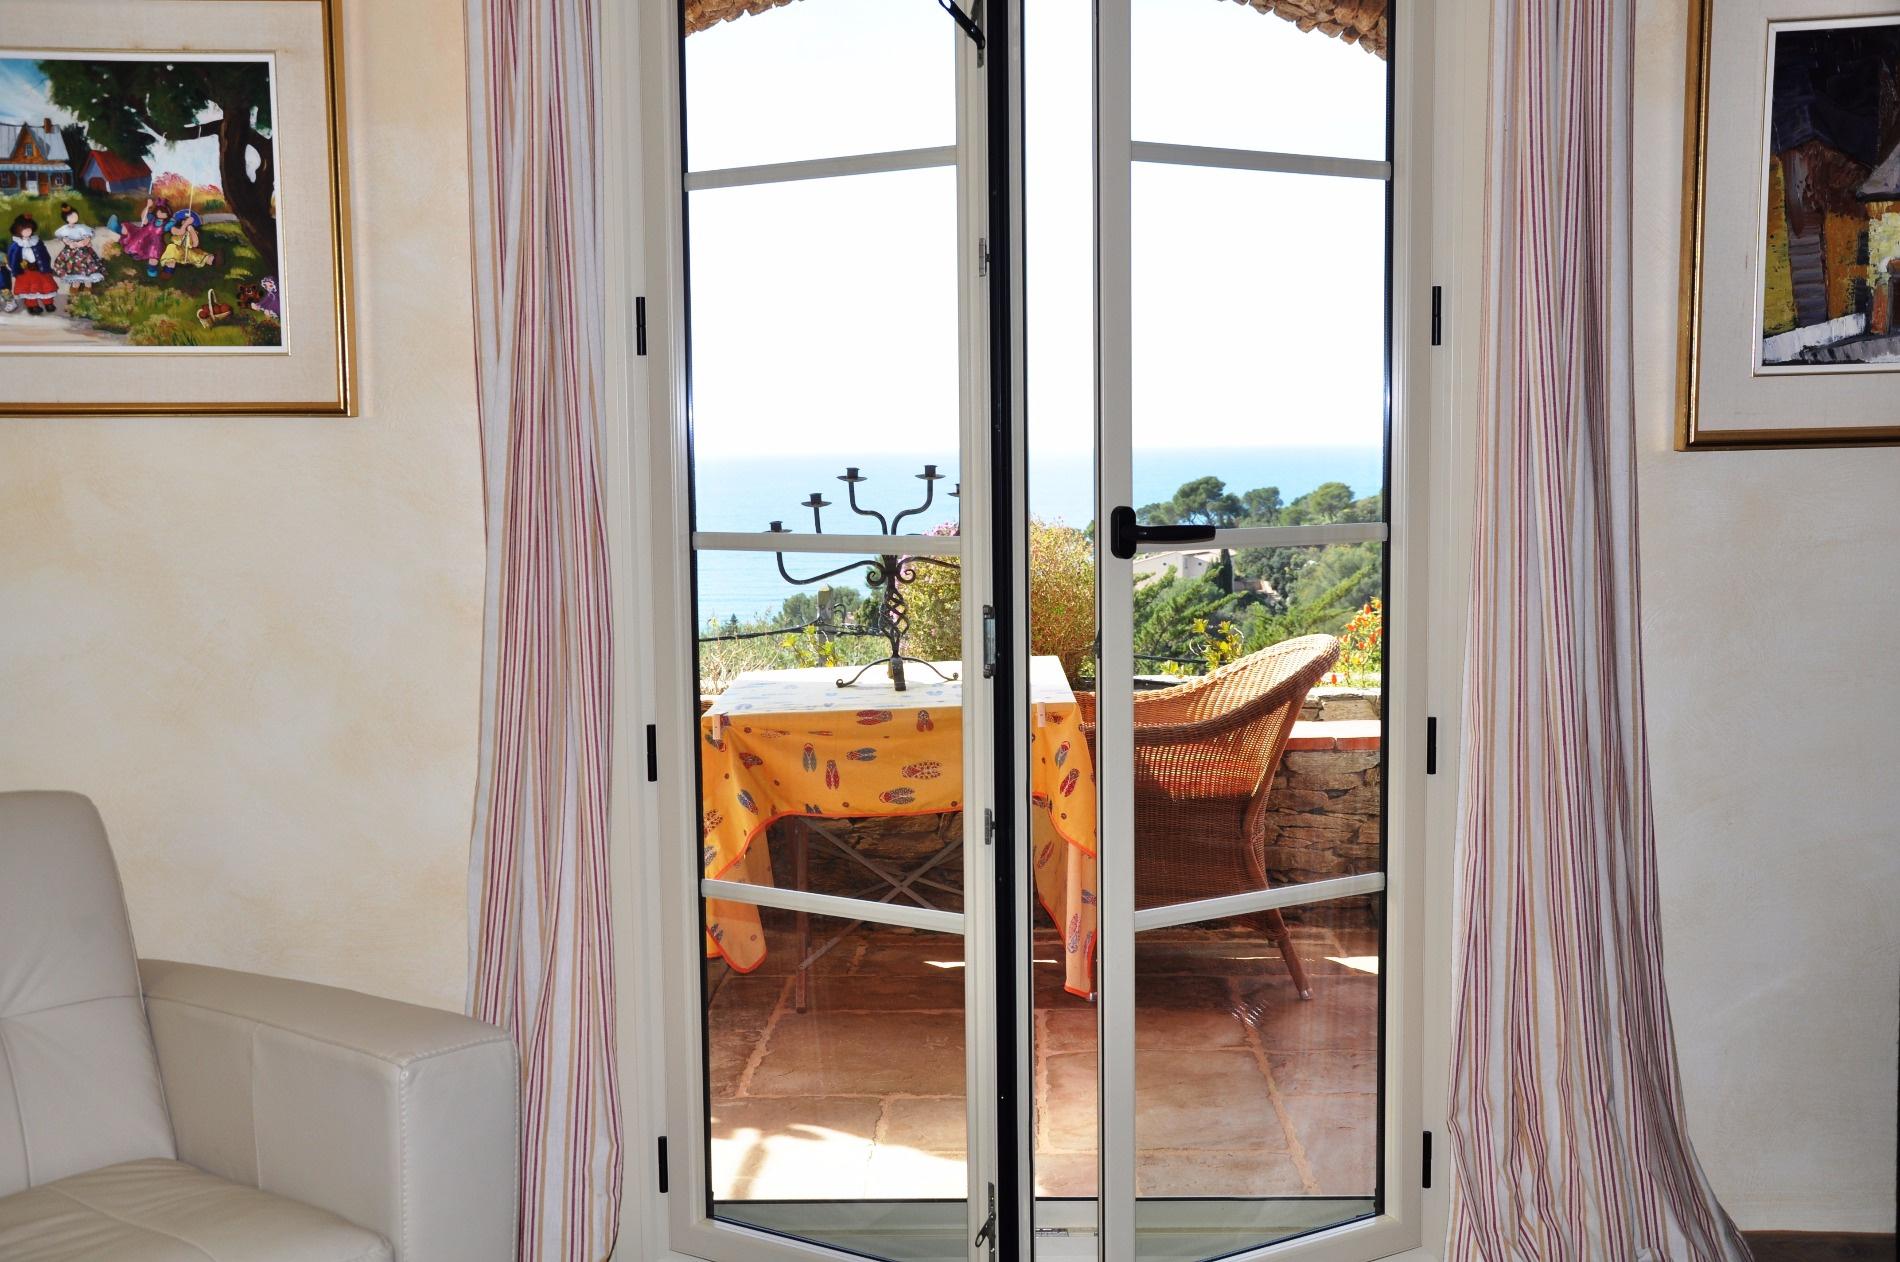 Vente Carqueiranne La Californie Villa Avec 4 Suites